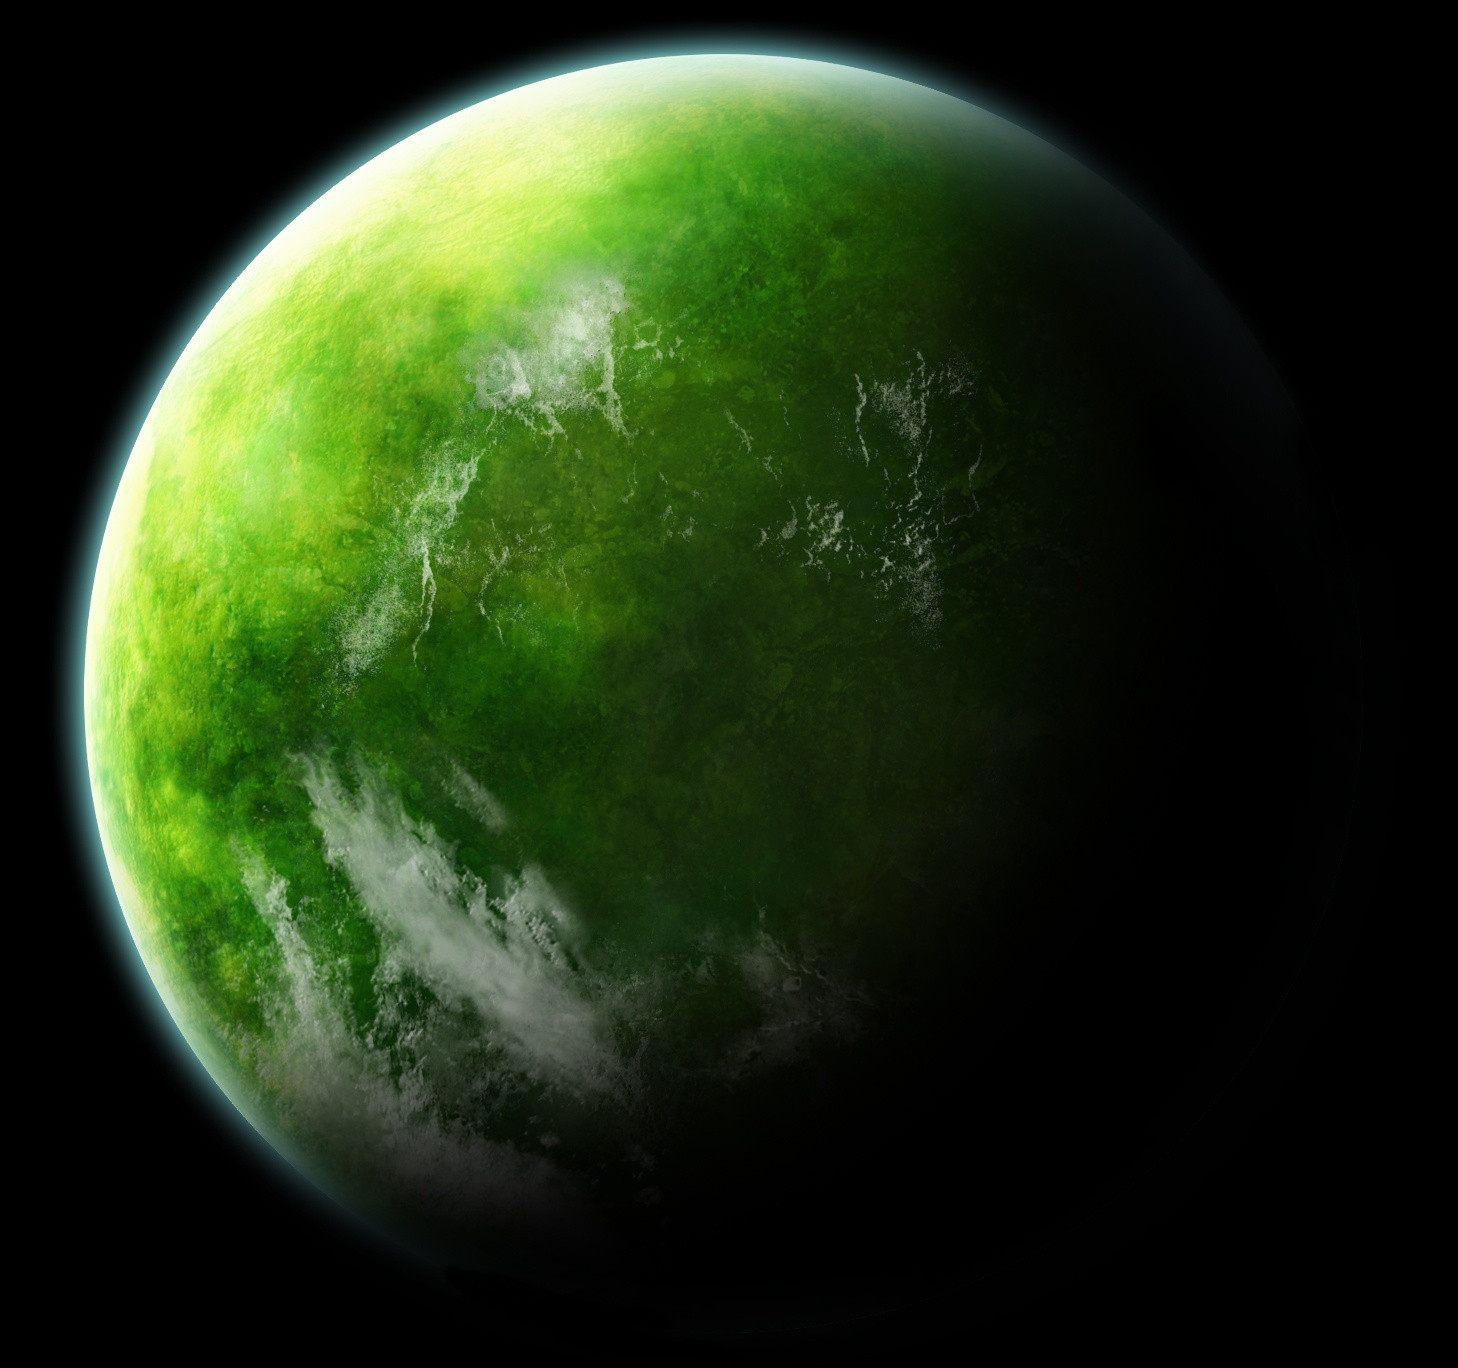 Земля картинка зеленого цвета